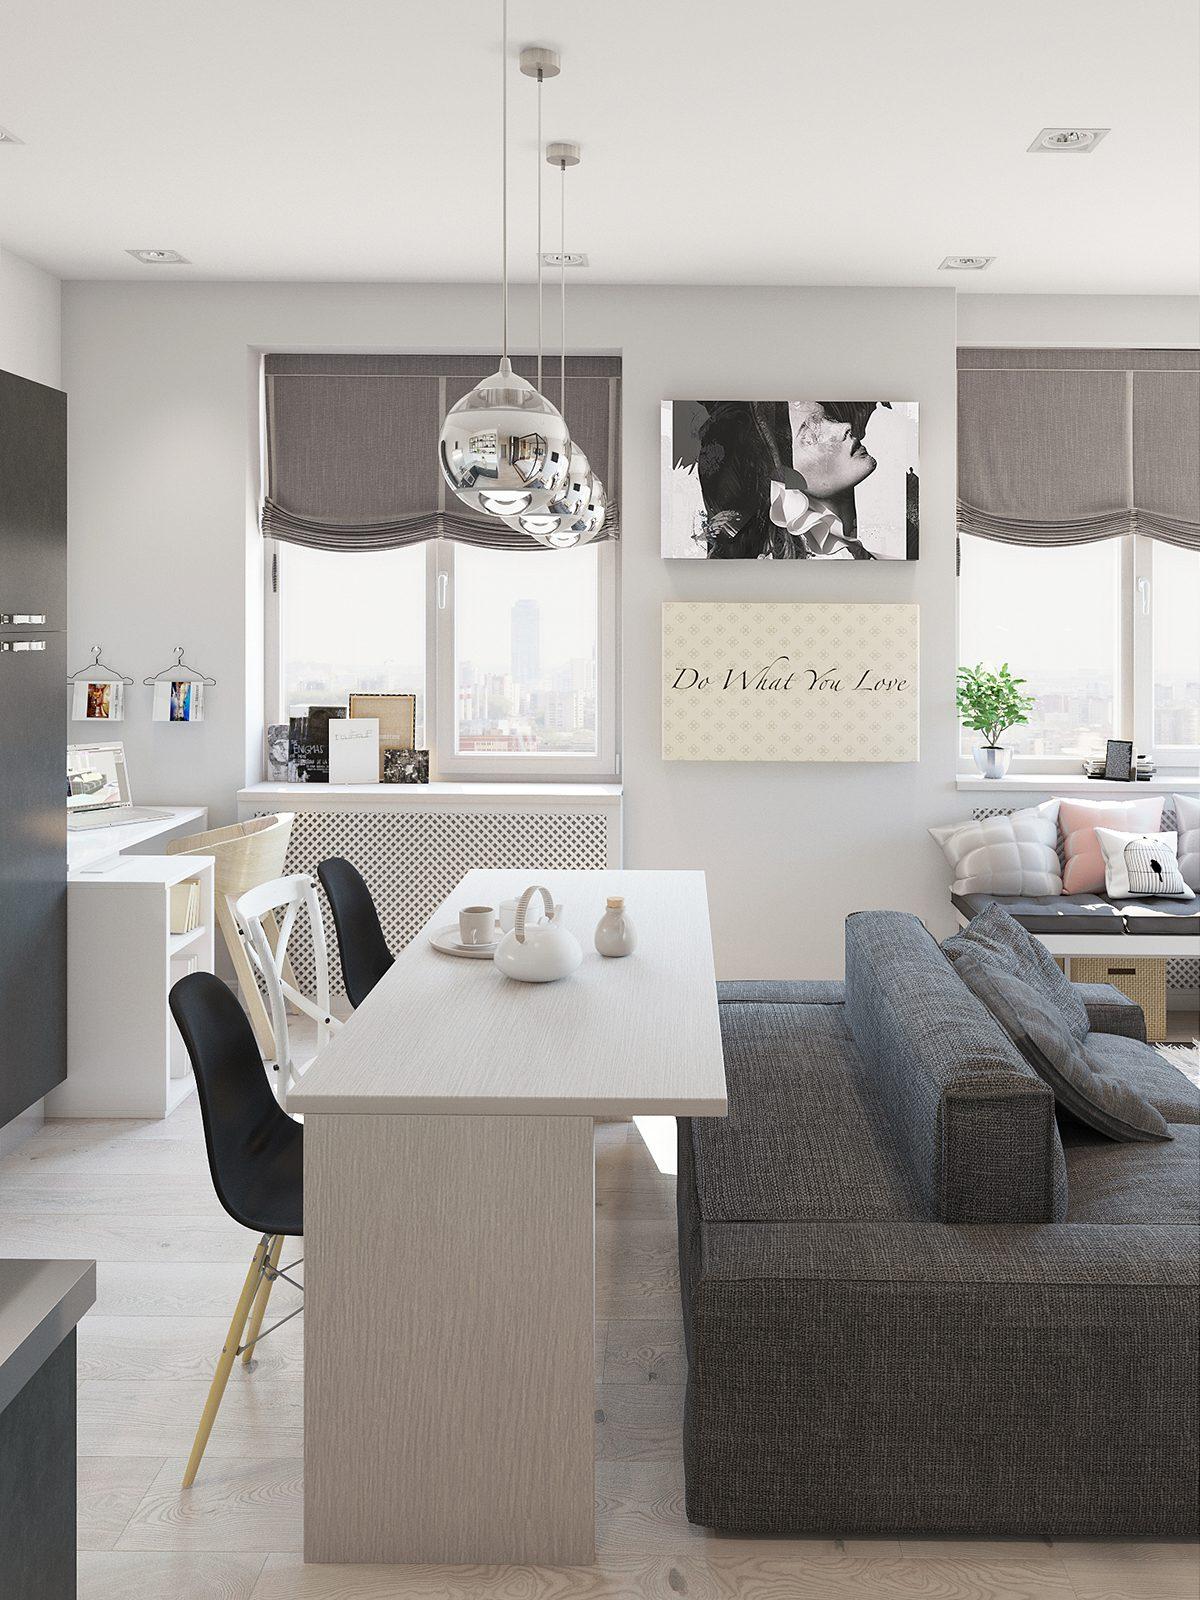 Studio apartment interior design with cute decorating for Creative studio apartment ideas